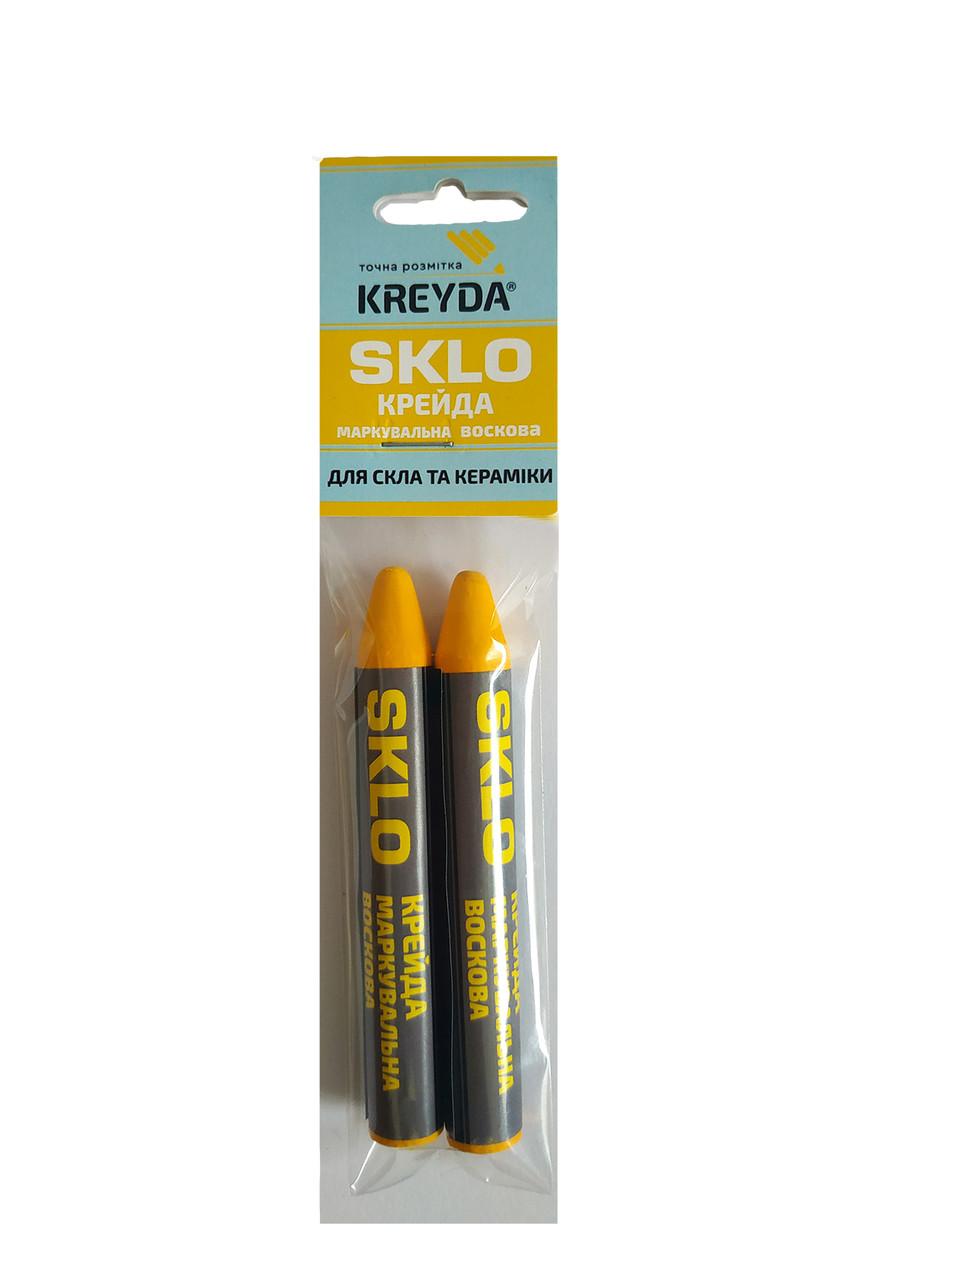 Для Стекла, мел восковой разметочный SKLO (желтые)  - 2шт